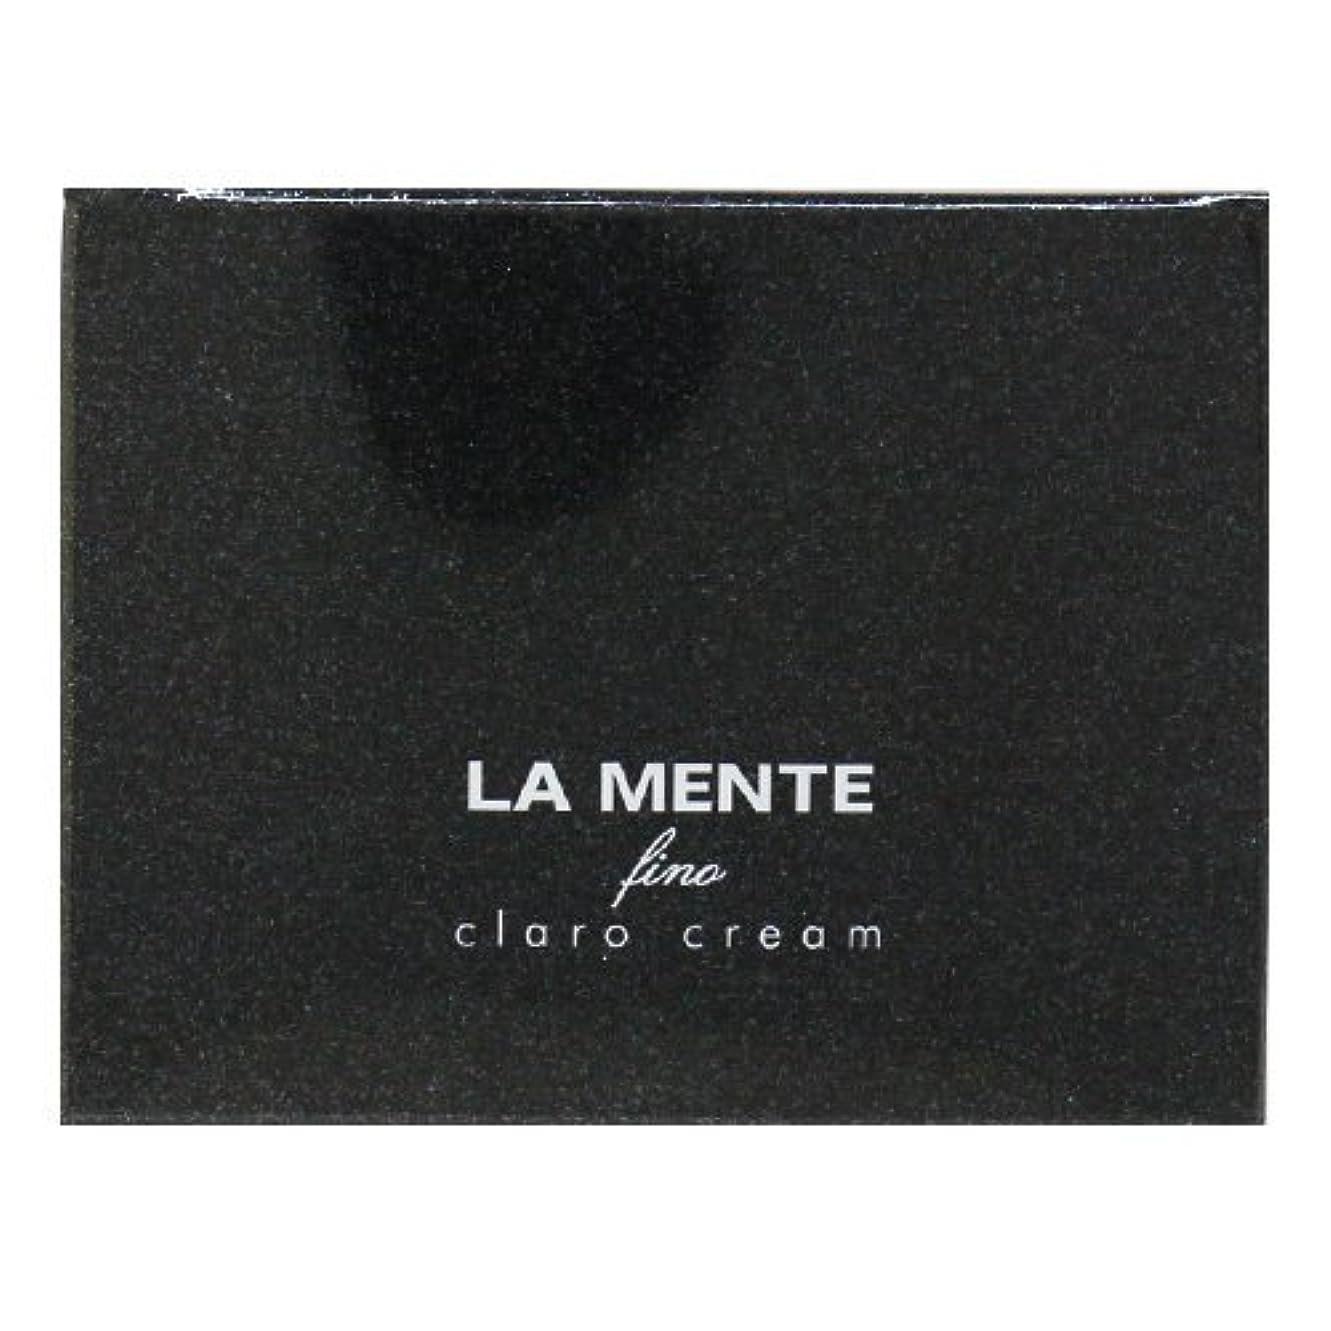 狭い吸い込む施設ラメンテ フィーノ クラロクリーム 40g (4543802600963)